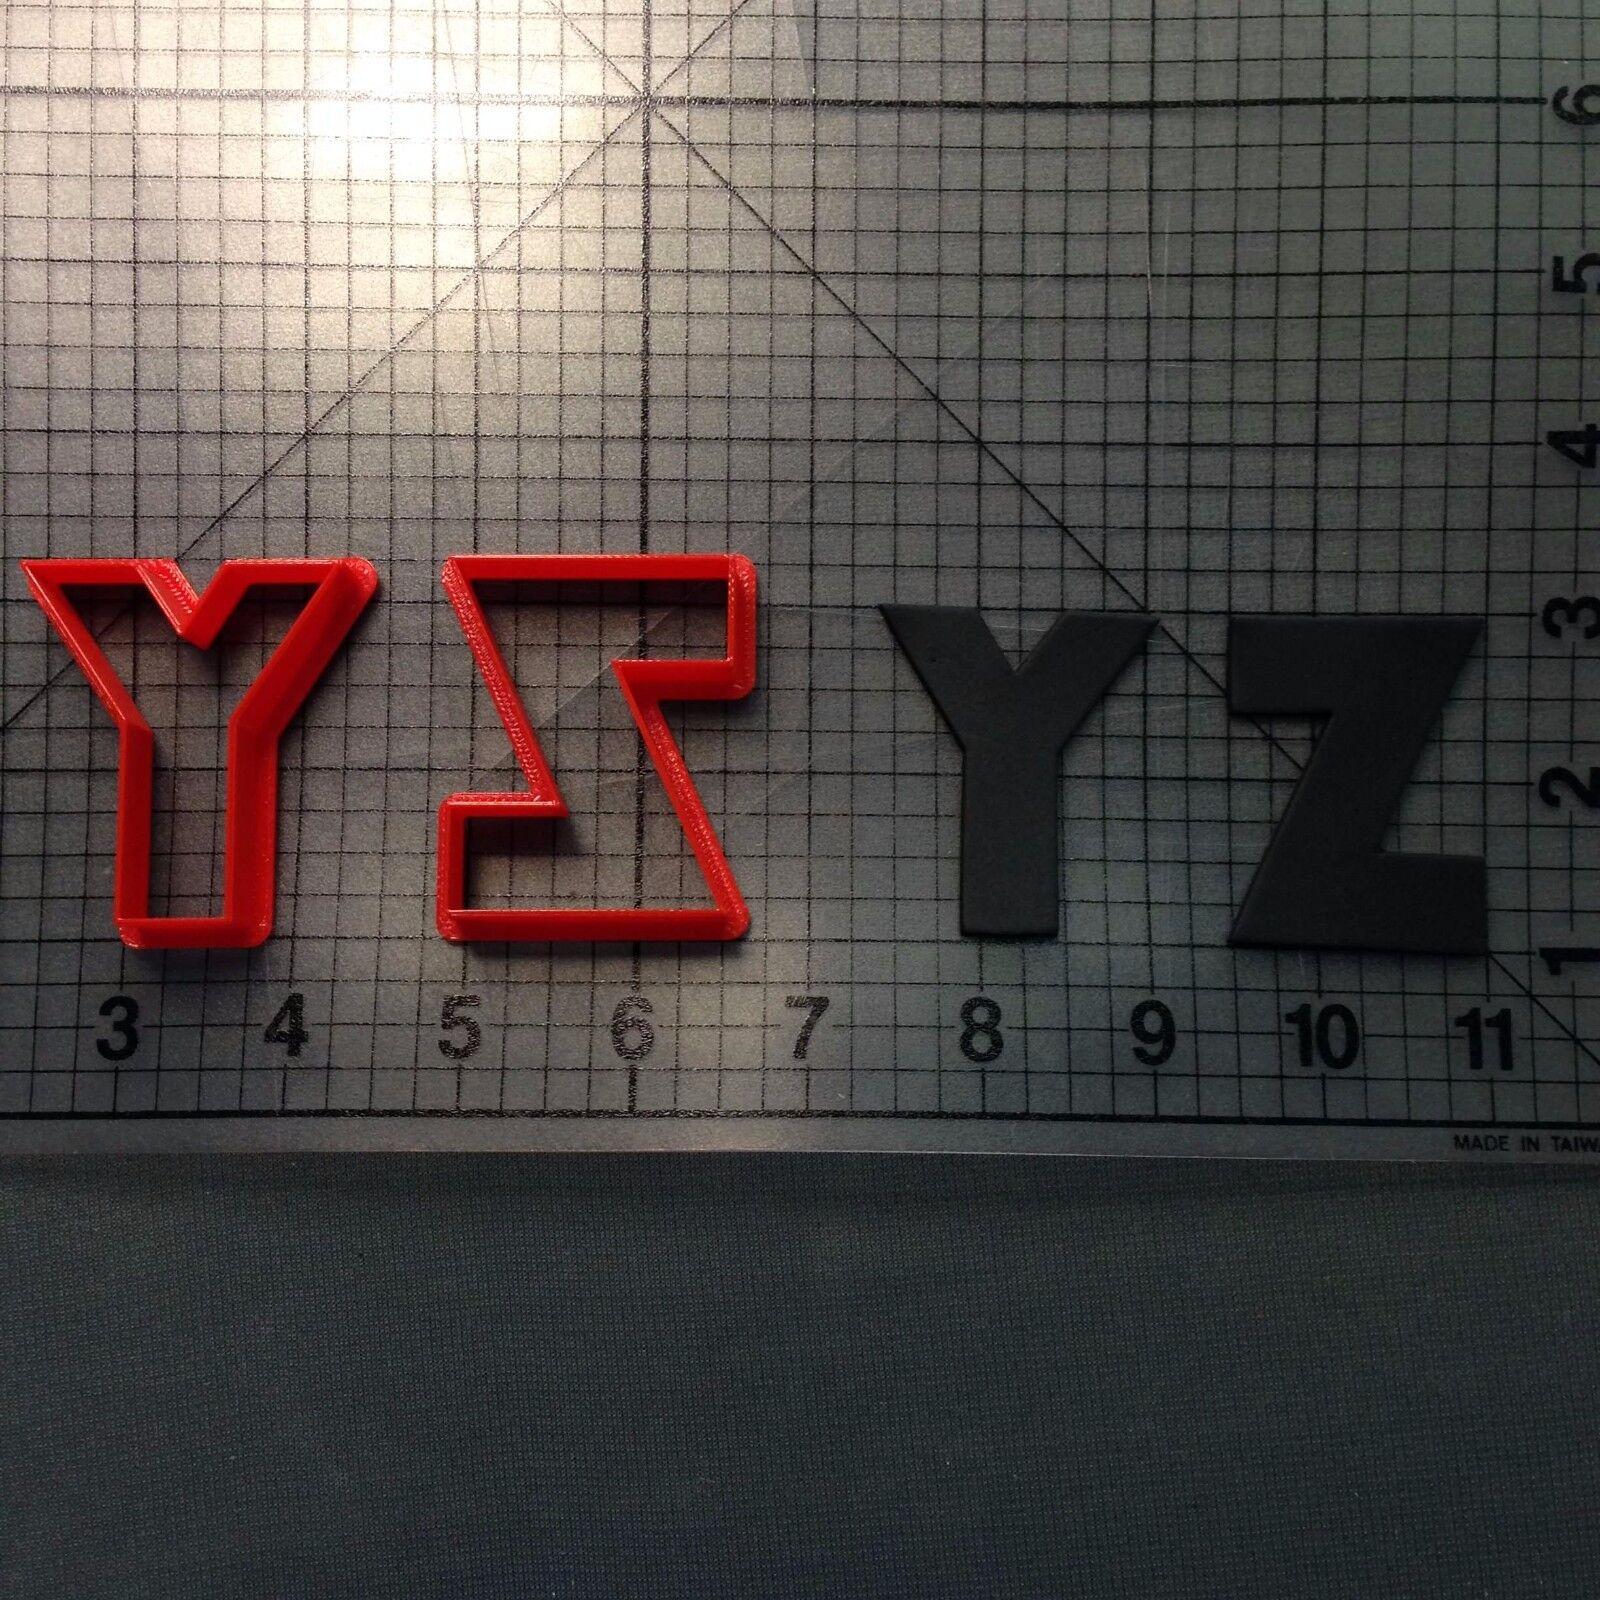 Bauhaus 93 Font Number Cookie Cutter Set